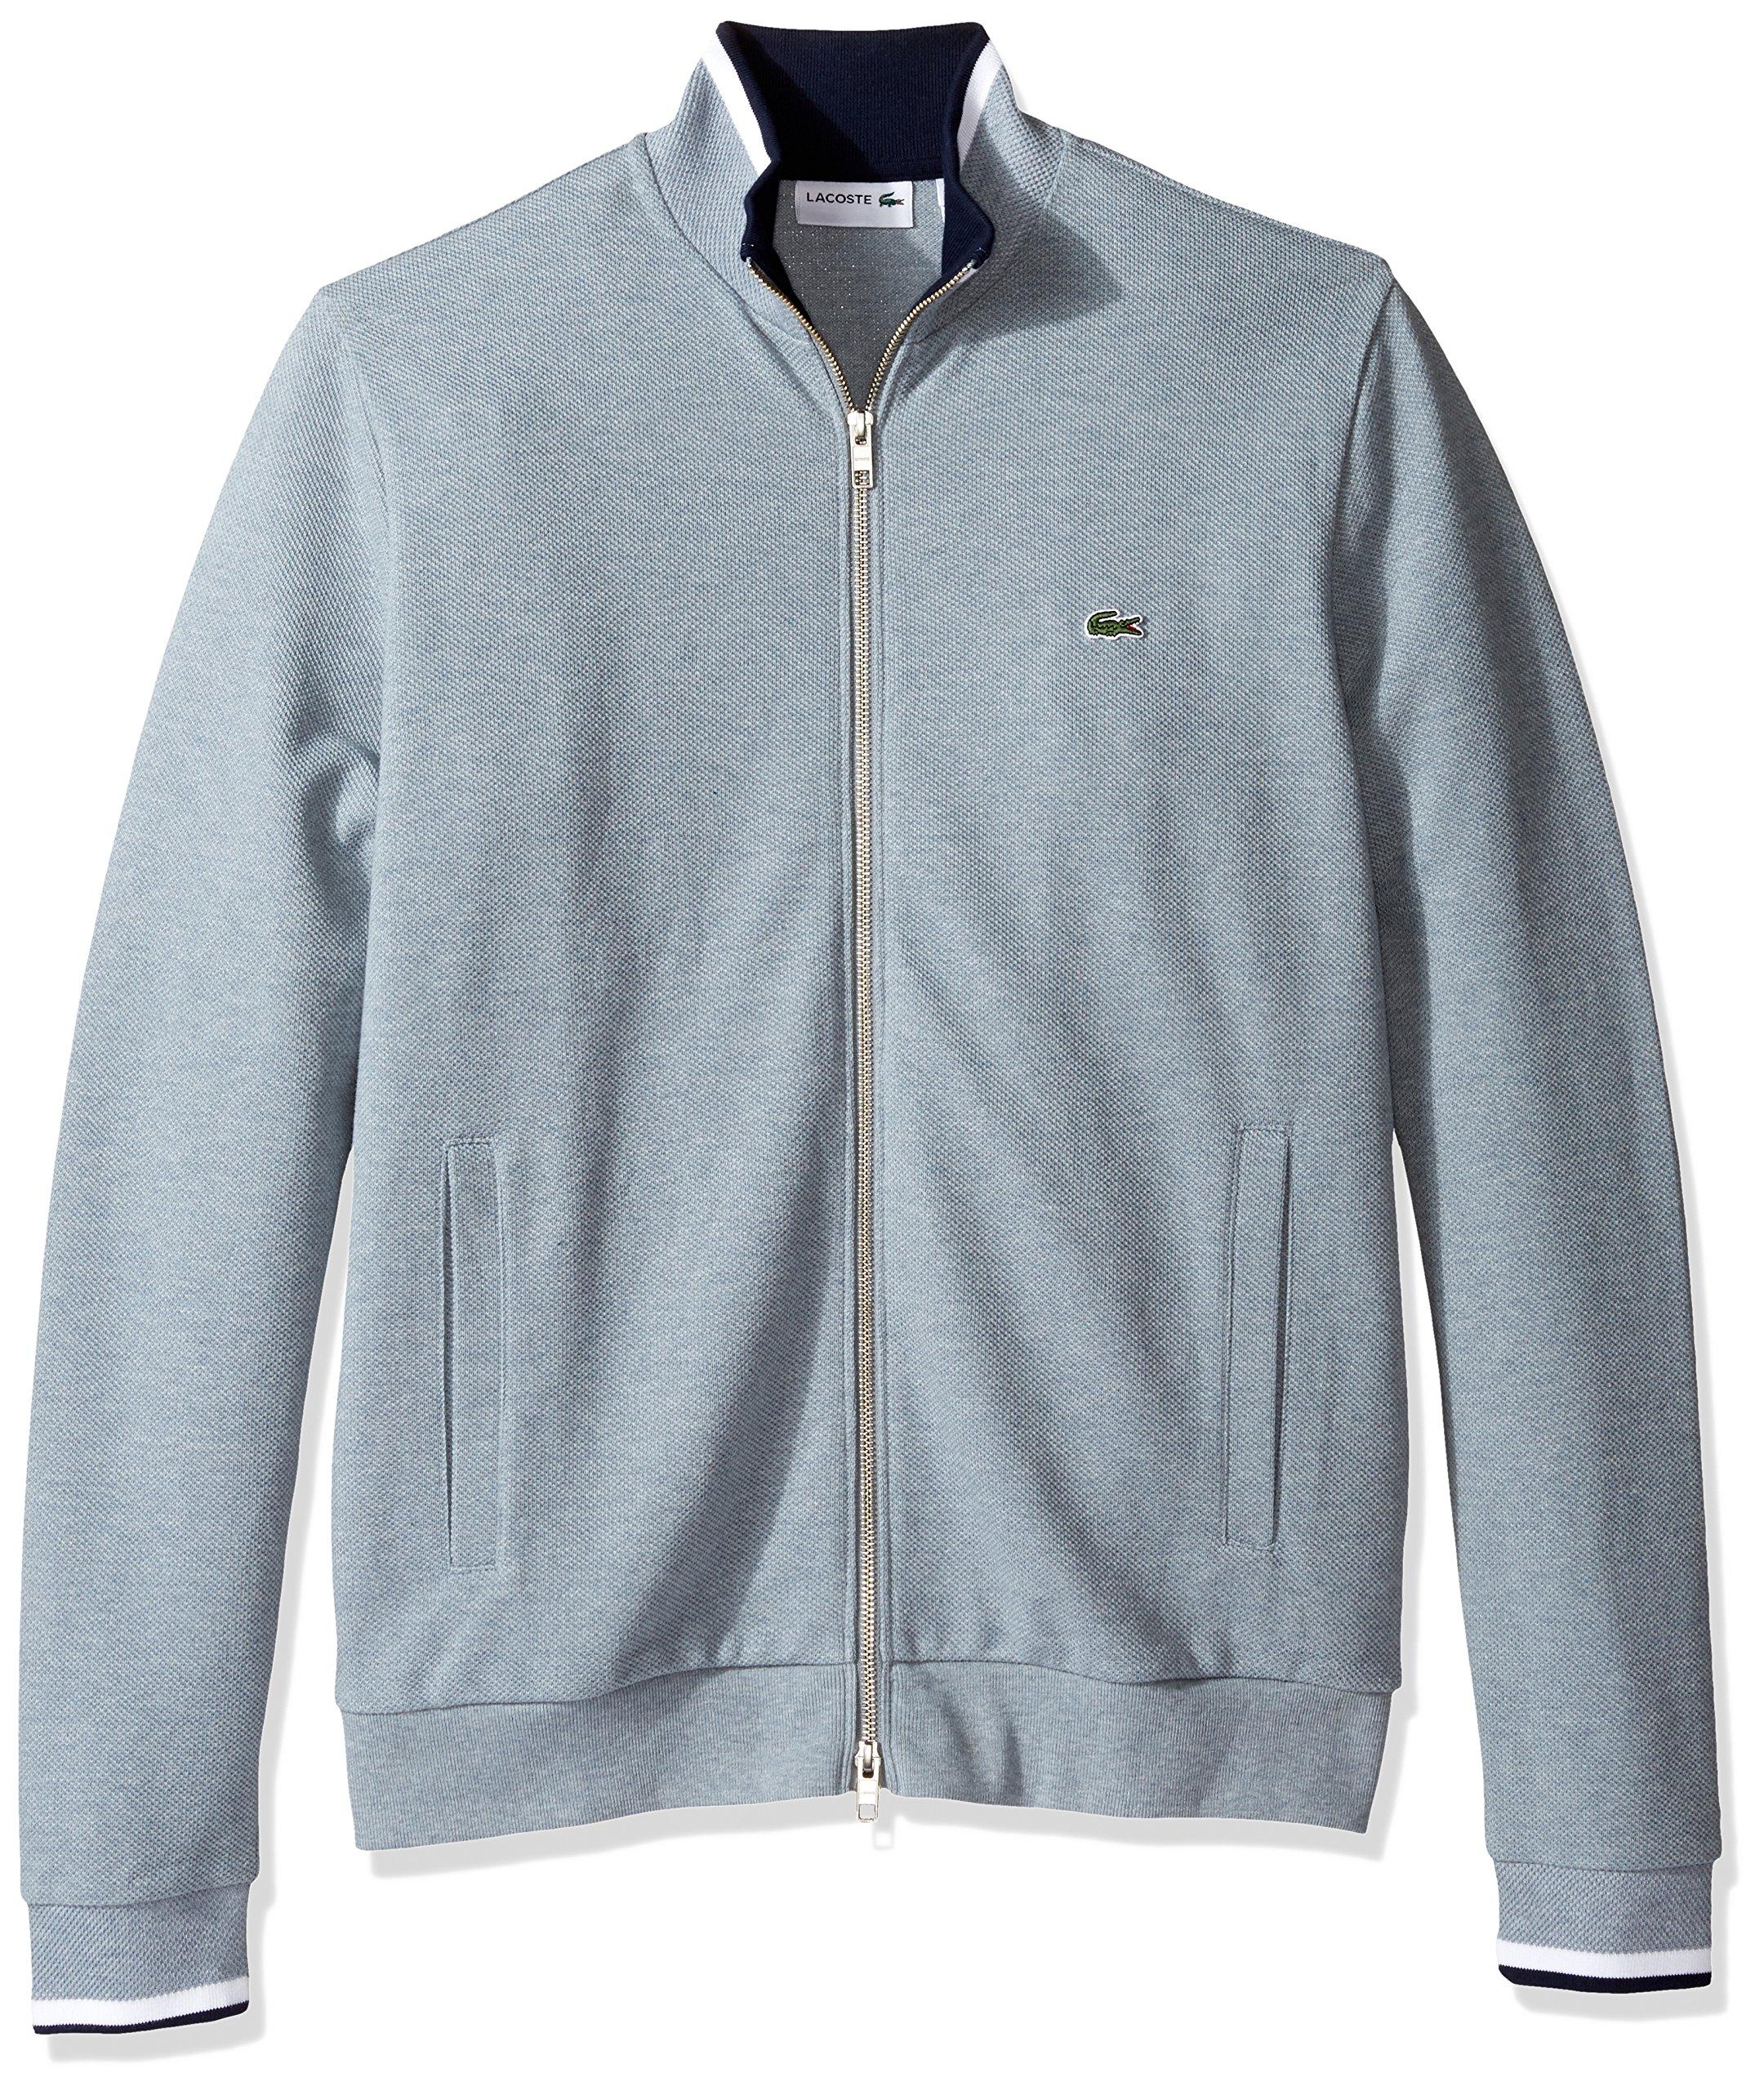 Lacoste Men's Full Zip Pique Fleece